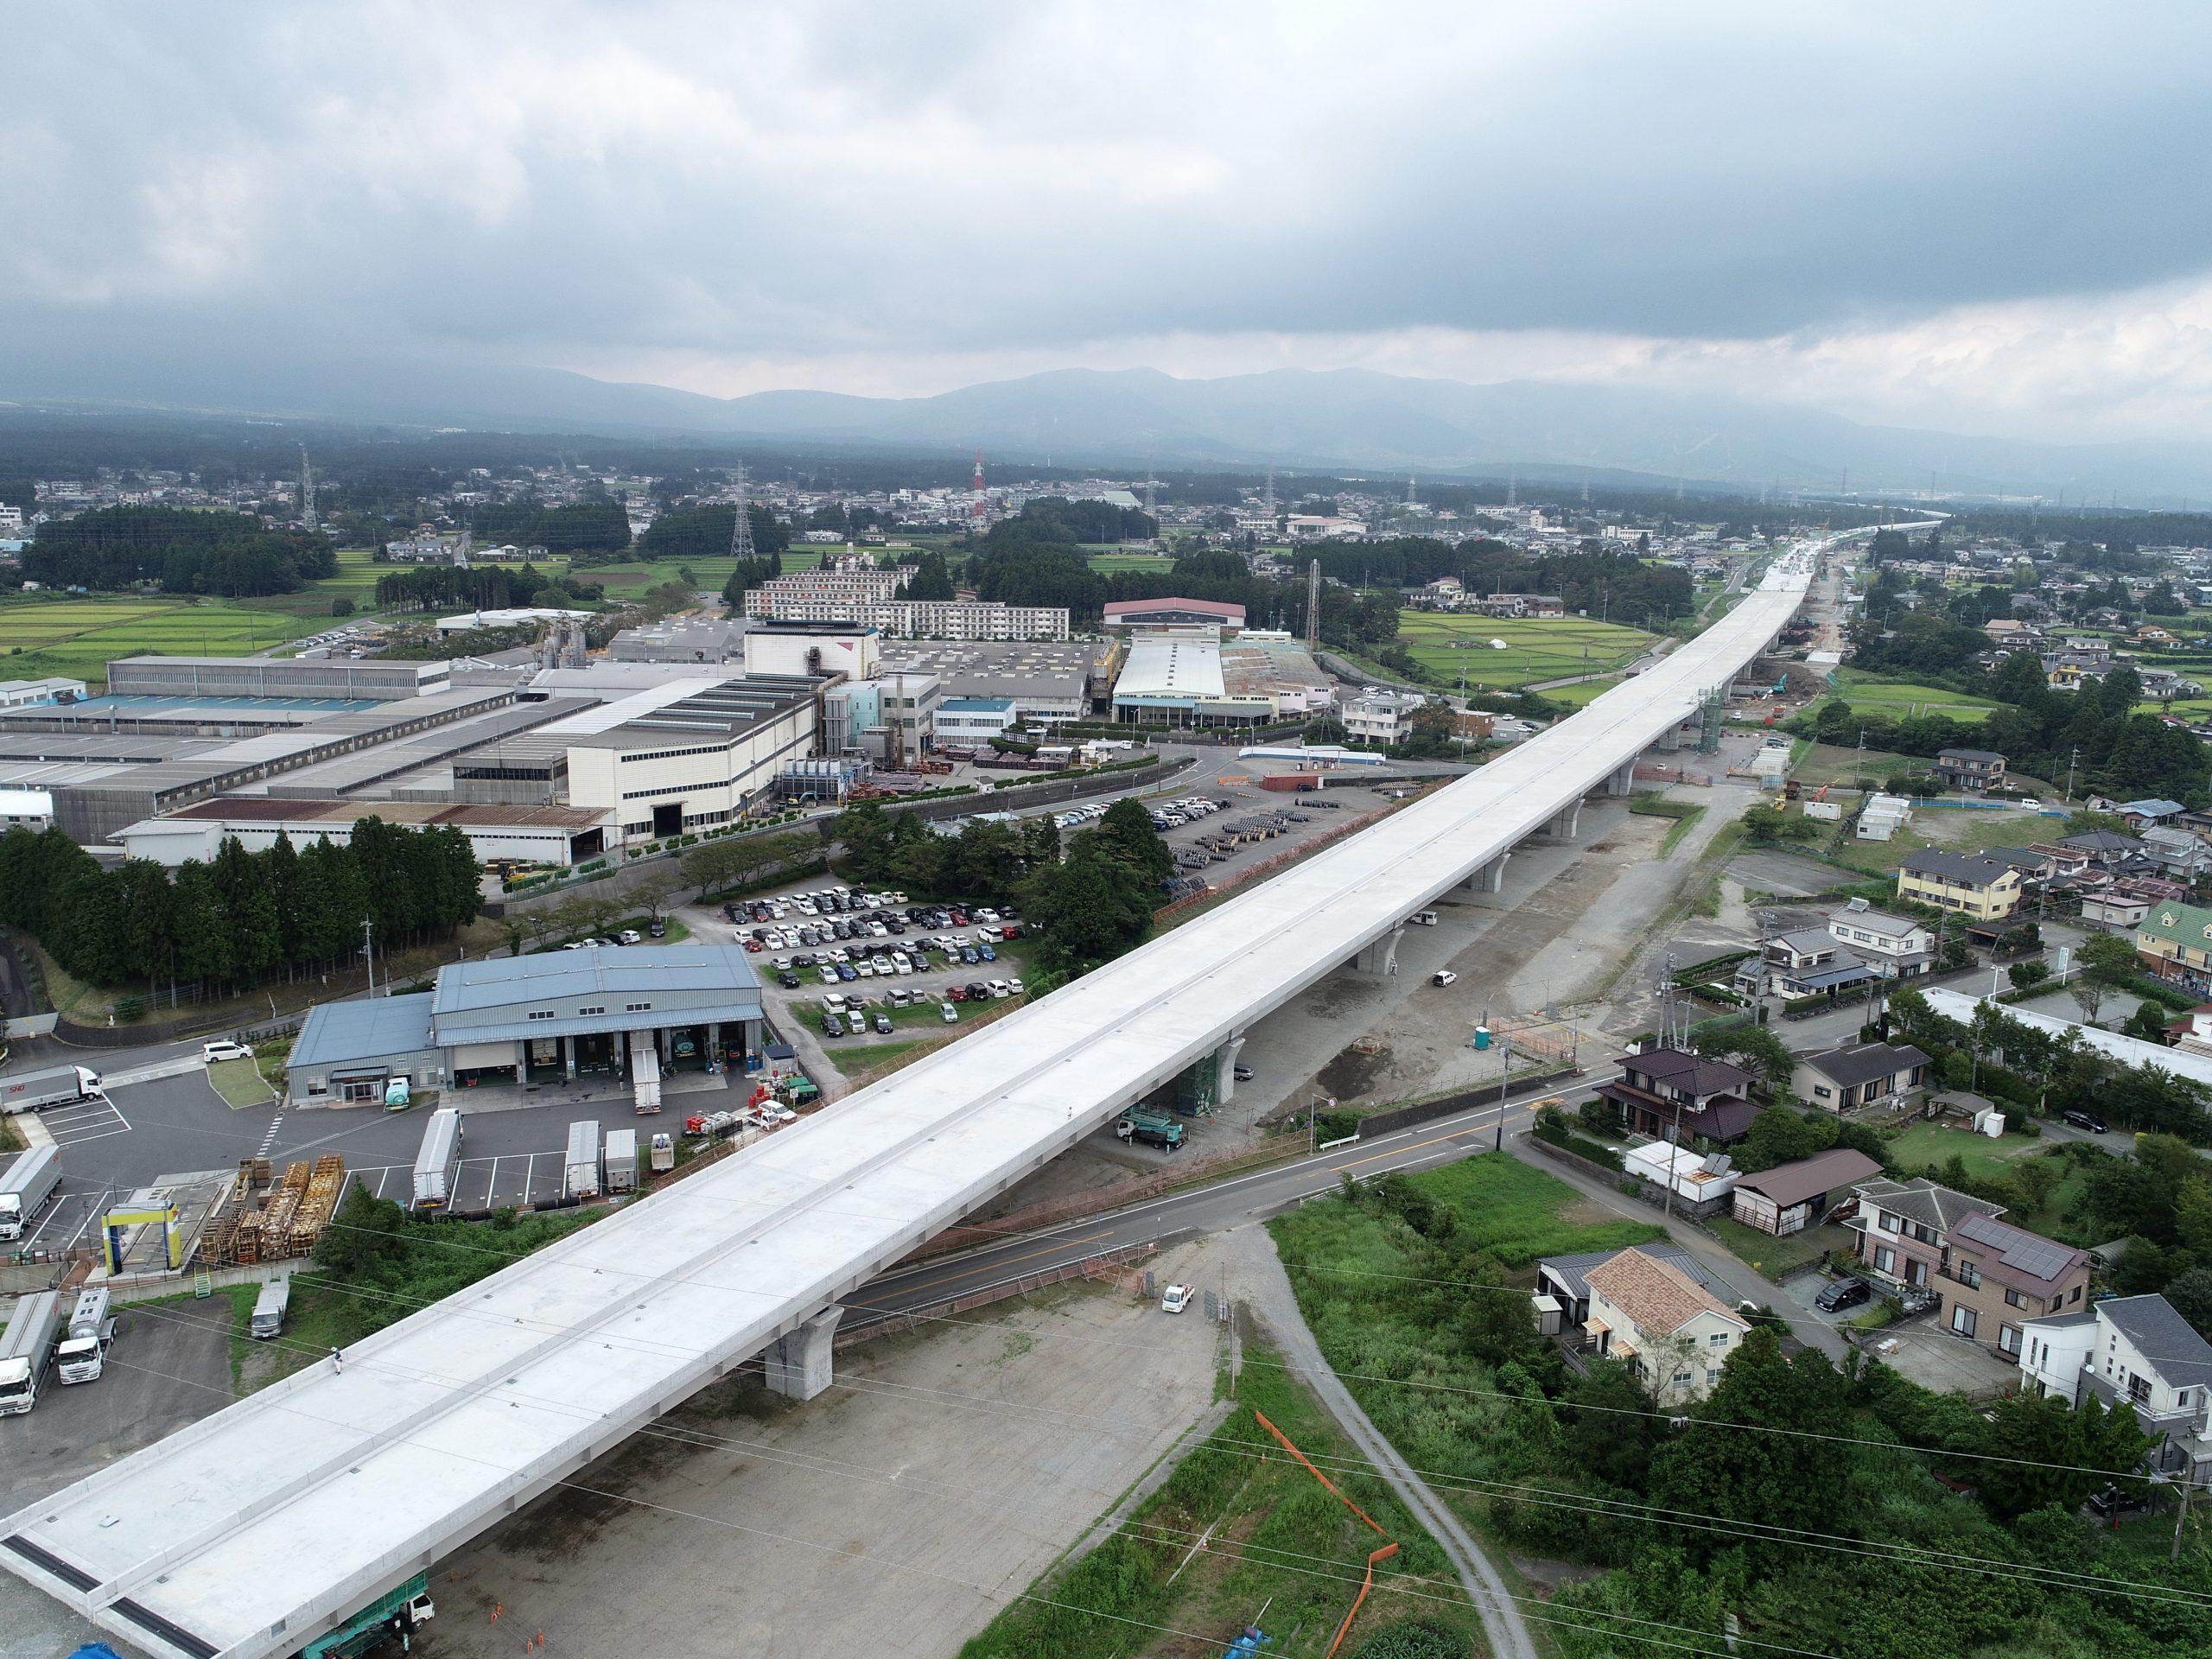 杉名沢第二高架橋